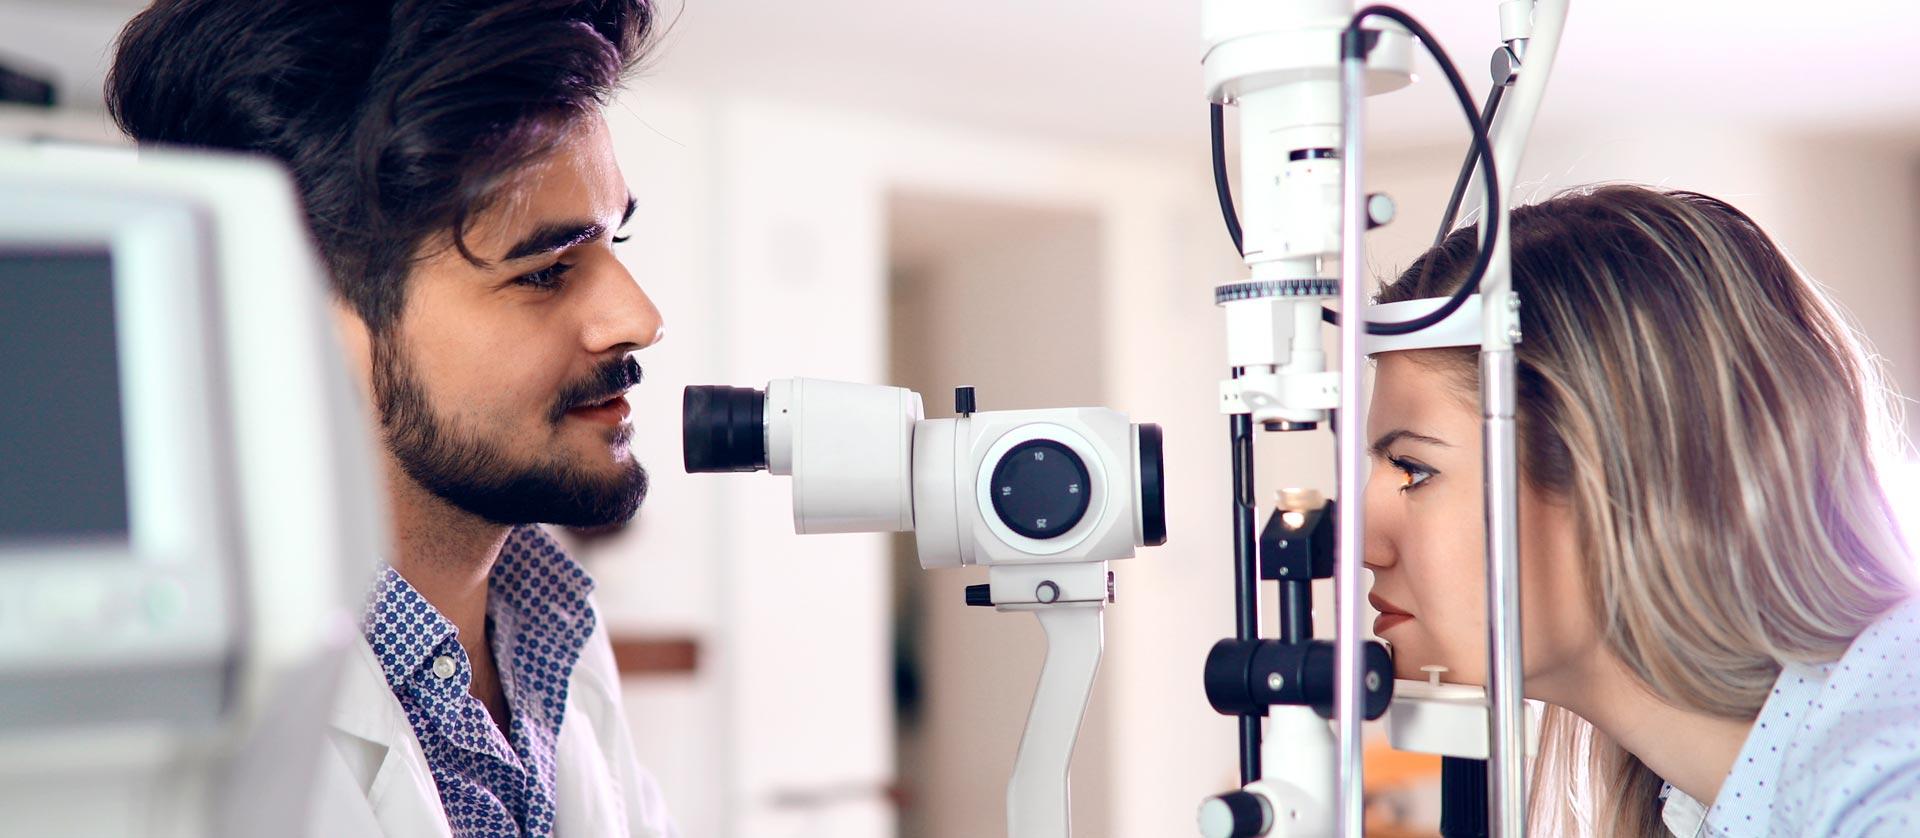 Sessió clínica sobre càlcul de potències de lents intraoculars (LIO)